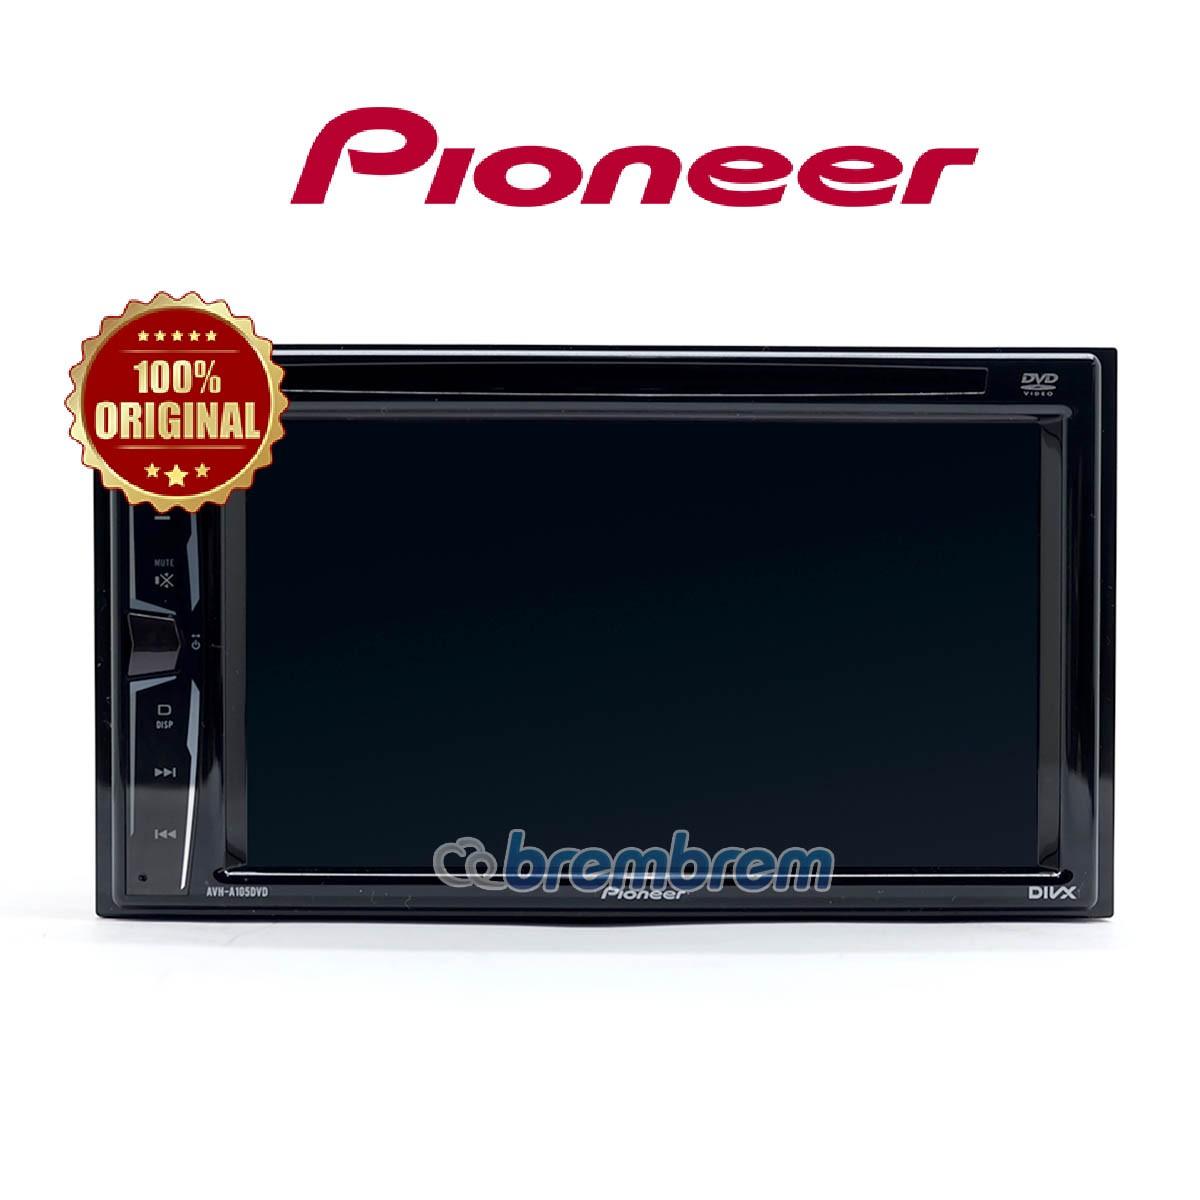 PIONEER AVH A105DVD - HEADUNIT DOUBLE DIN